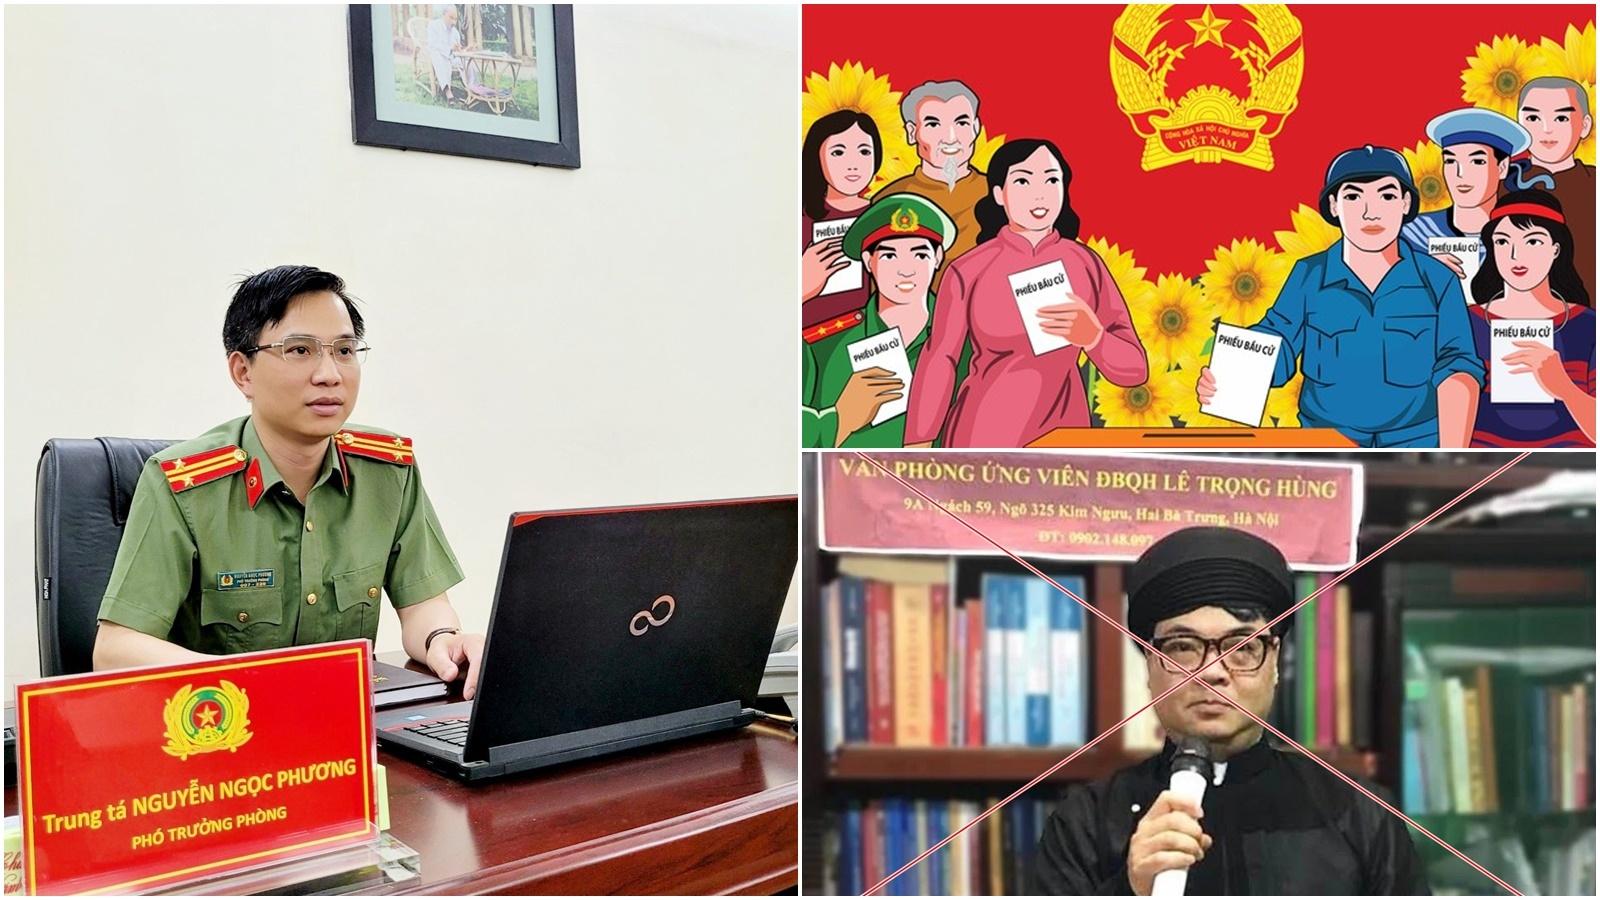 Vì sao Việt Tân duy trì 1.000 tài khoản trên mạng xã hội để chống phá bầu cử ?